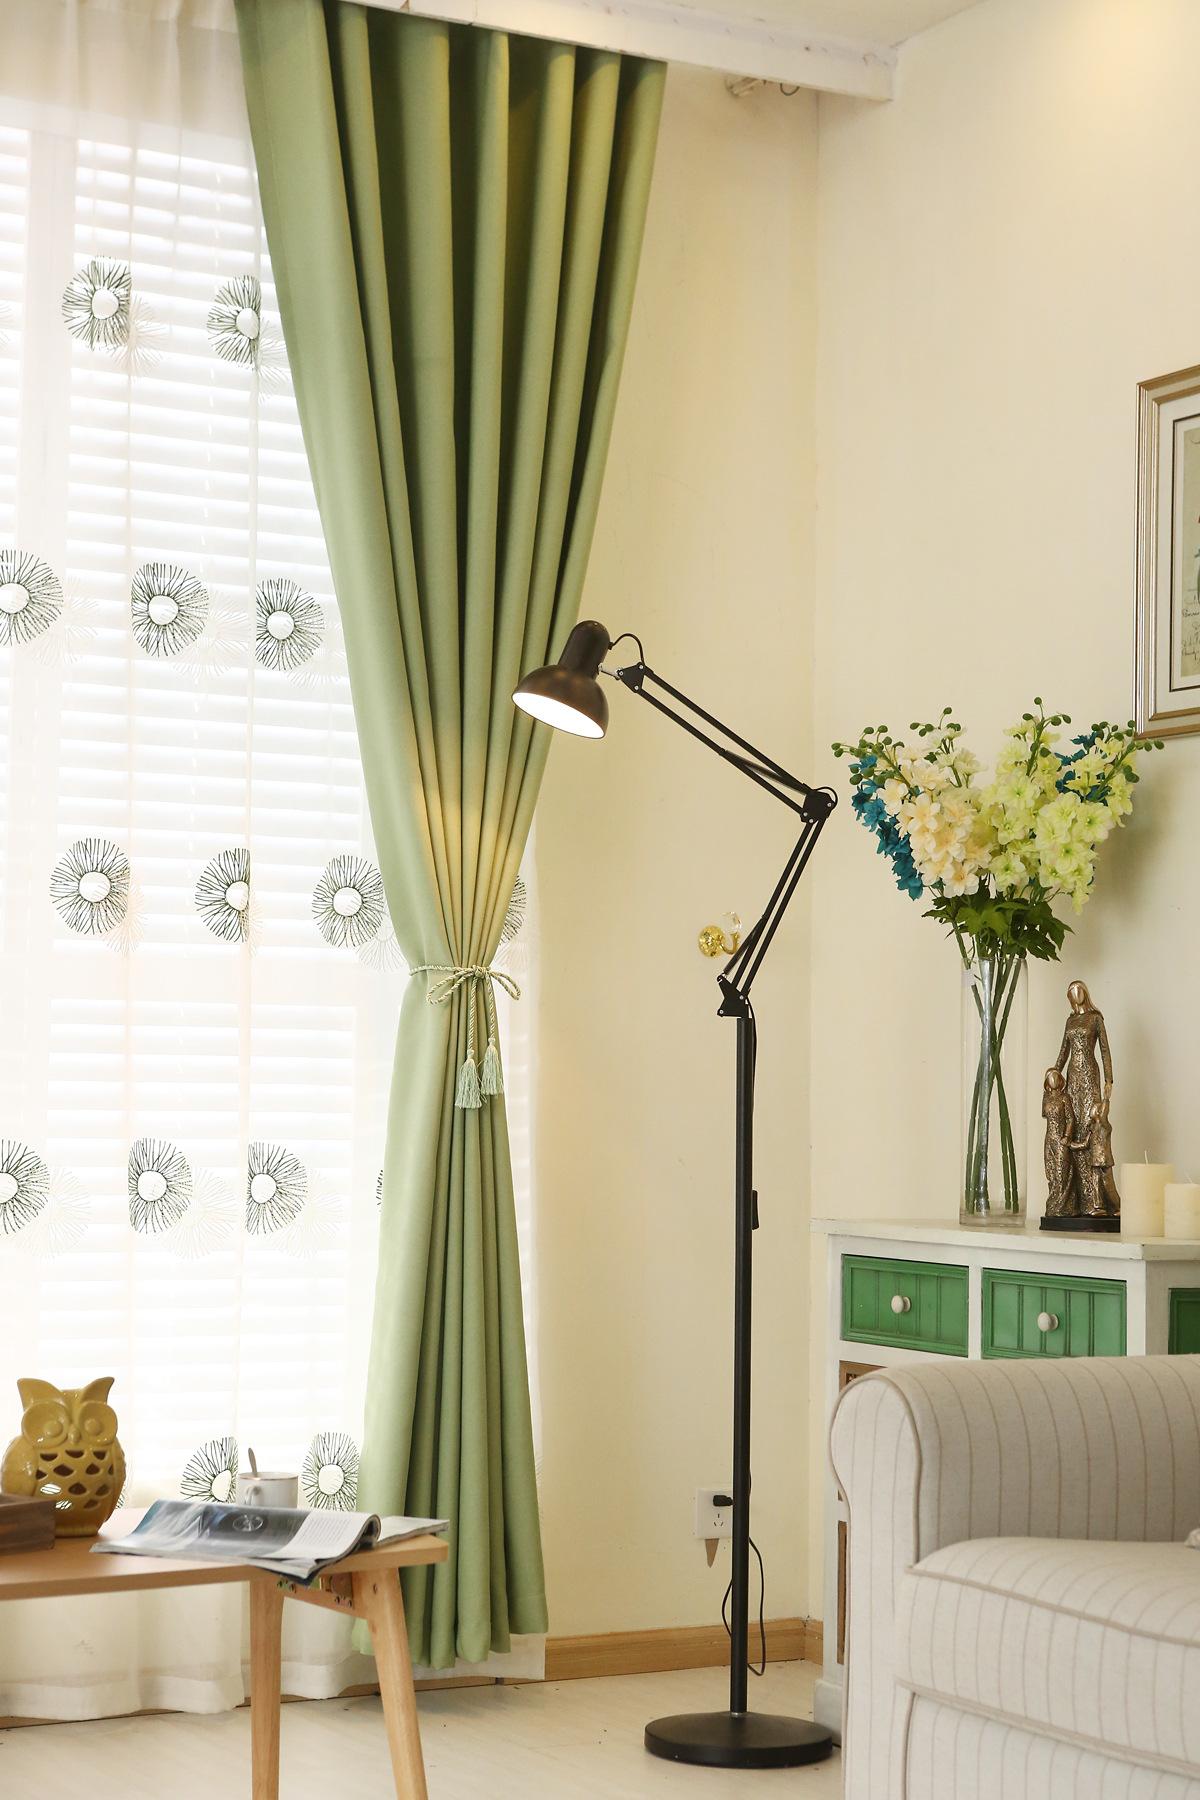 Rèm cửa nhung cotton màu tím, đơn giản, hiện đại, dày dặn từ thành phố Buke Bridge Textile